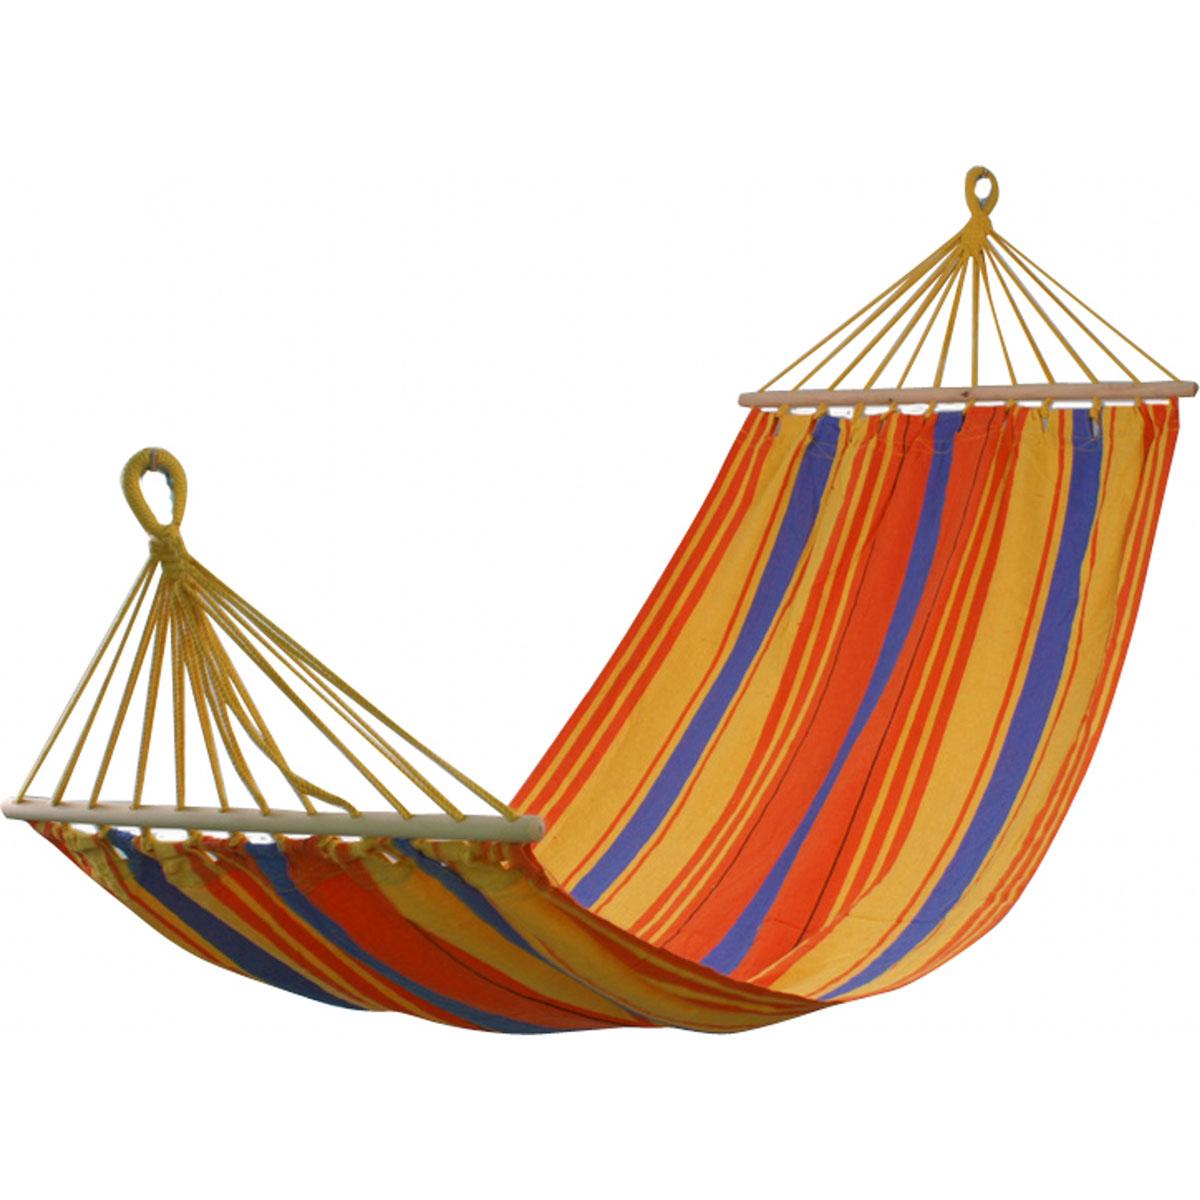 Гамак Бора-Бора, 100х200 см WILDMANNFL-20108Гамак – место для отдыха, кровать, парящая над землей, ему всегда будут рады и на приусадебном участке, и в доме, и в квартире. Гамаки способны сделать уютным и удобным любой летний отдых.Поход в лес – и качественный гамак-сетка станет местом для сна. Поездка за город – и он превратится в личный уголок, где можно полежать с книжкой, подремать, скрыться от суеты и солнца.